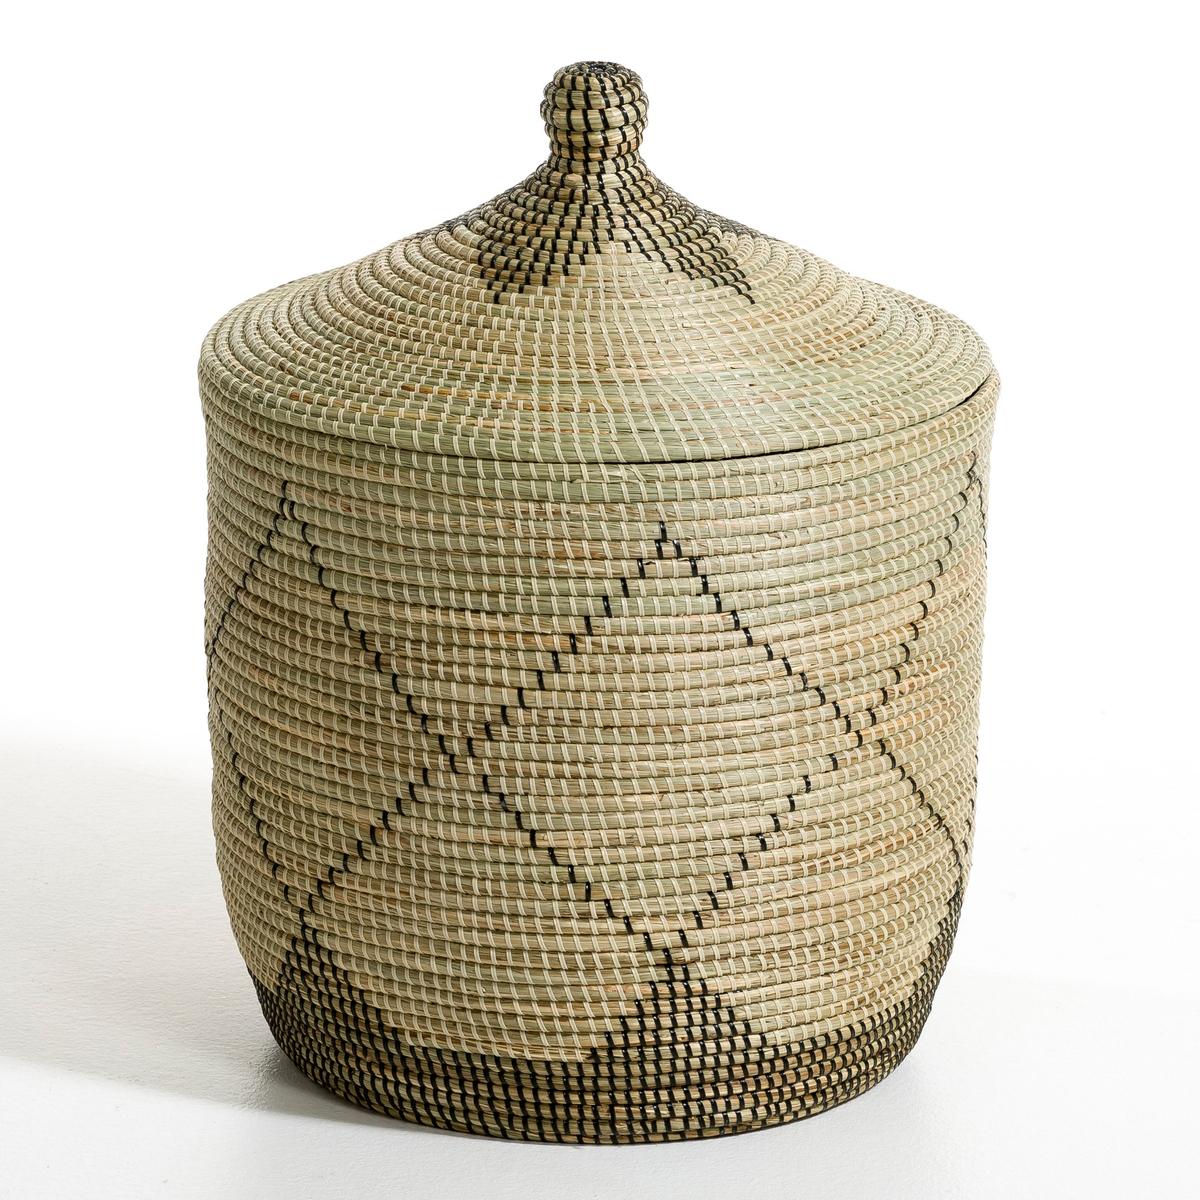 Корзина из рисовой соломы Louna, большая модель, высота 60 см louna полюса